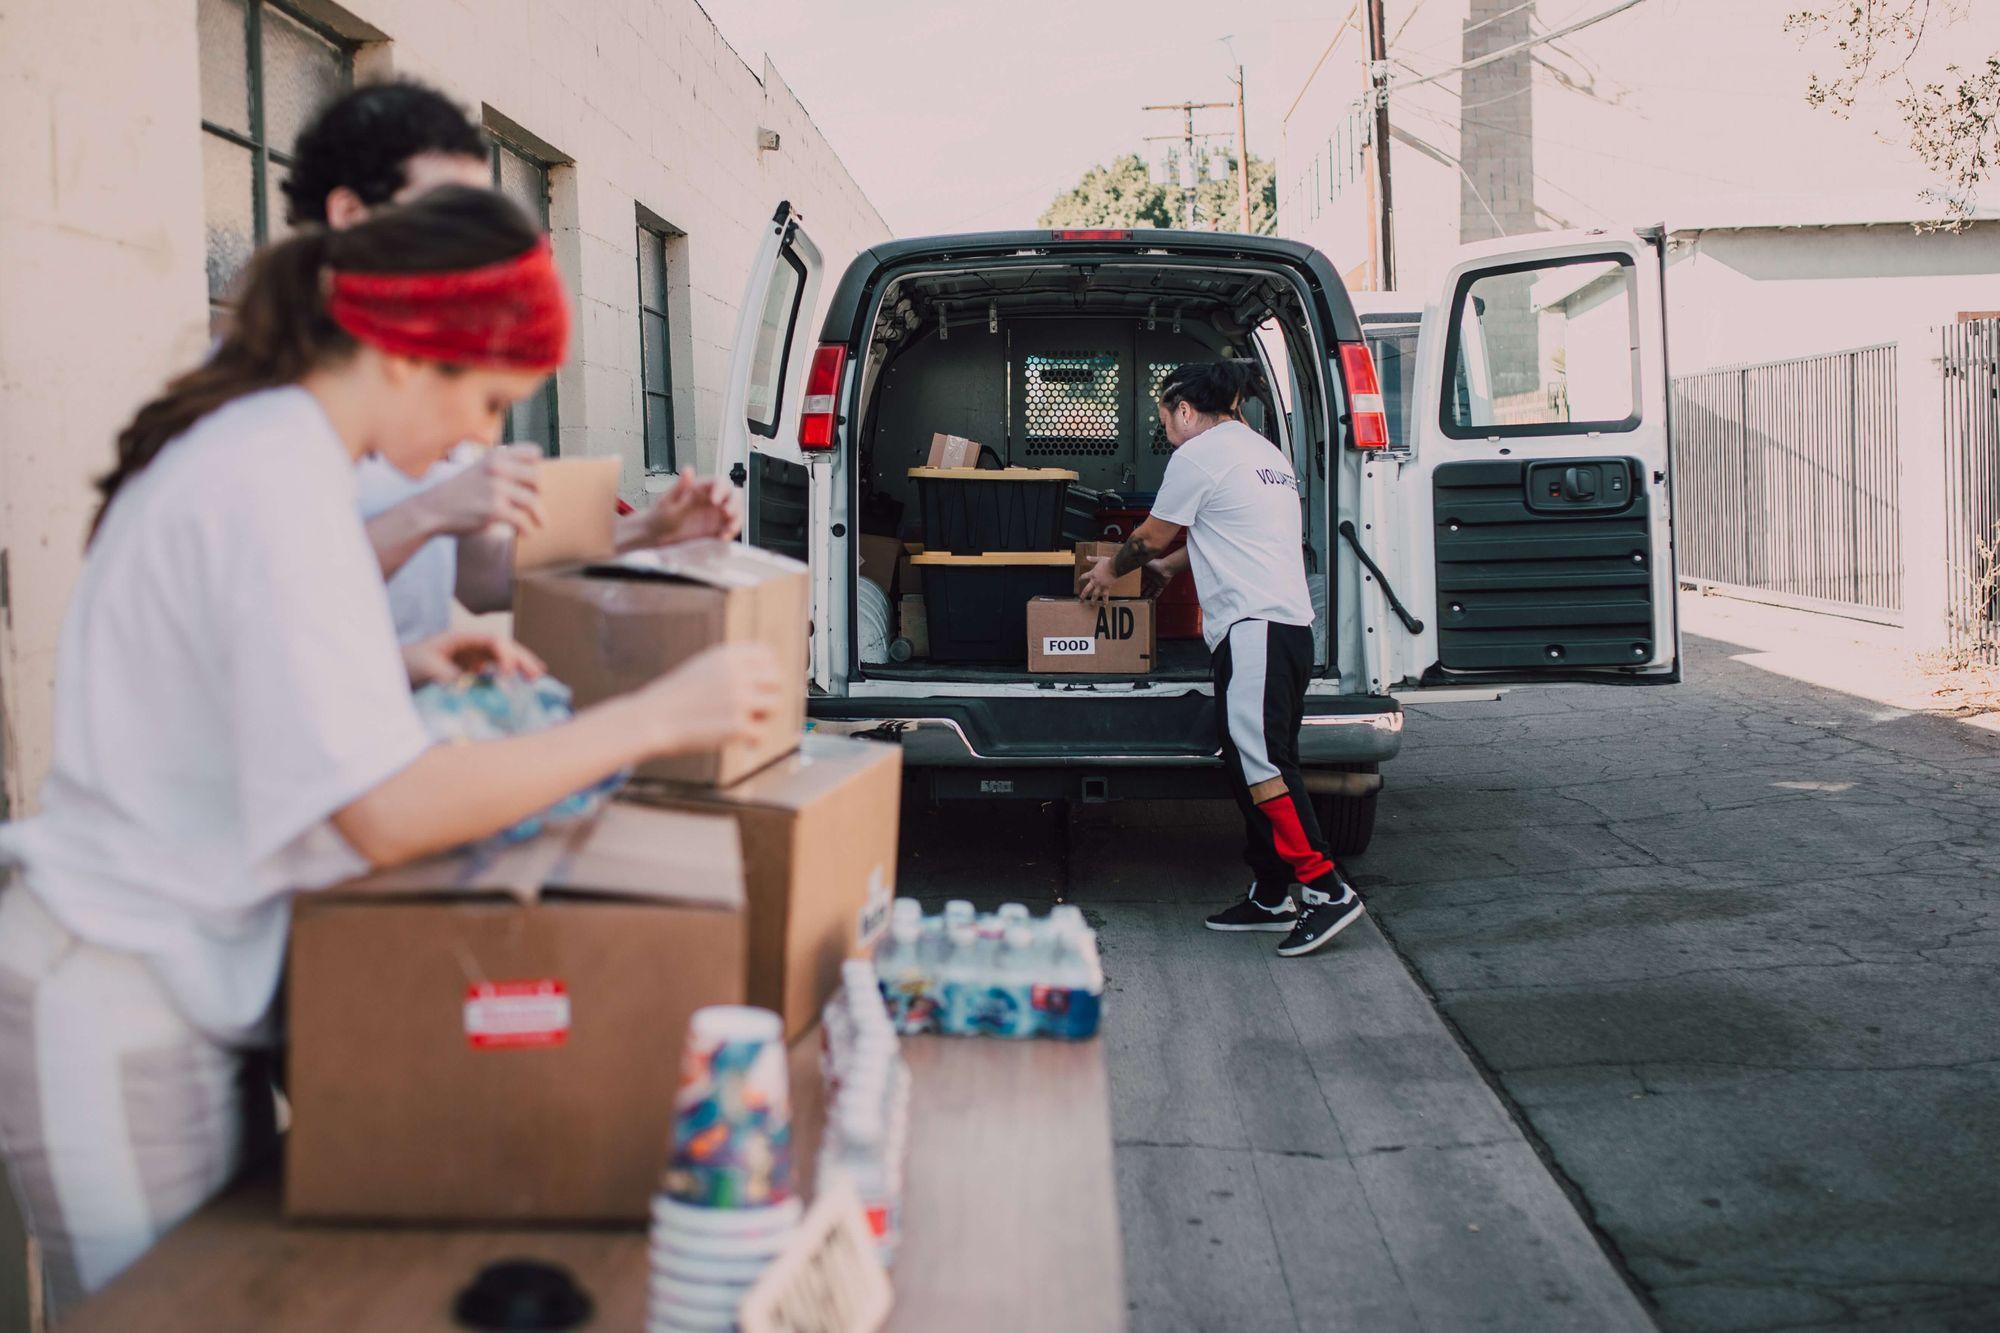 Foto mostra voluntários retirando suprimentos de van parada em rua tranquila. Em destaque, um voluntário homem está tirando caixas do porta-malas do veículo. Ao lado esquerdo da foto, de forma desfocada, aparecem uma voluntária mulher e um voluntário homem, que estão abrindo caixas em cima de mesa.